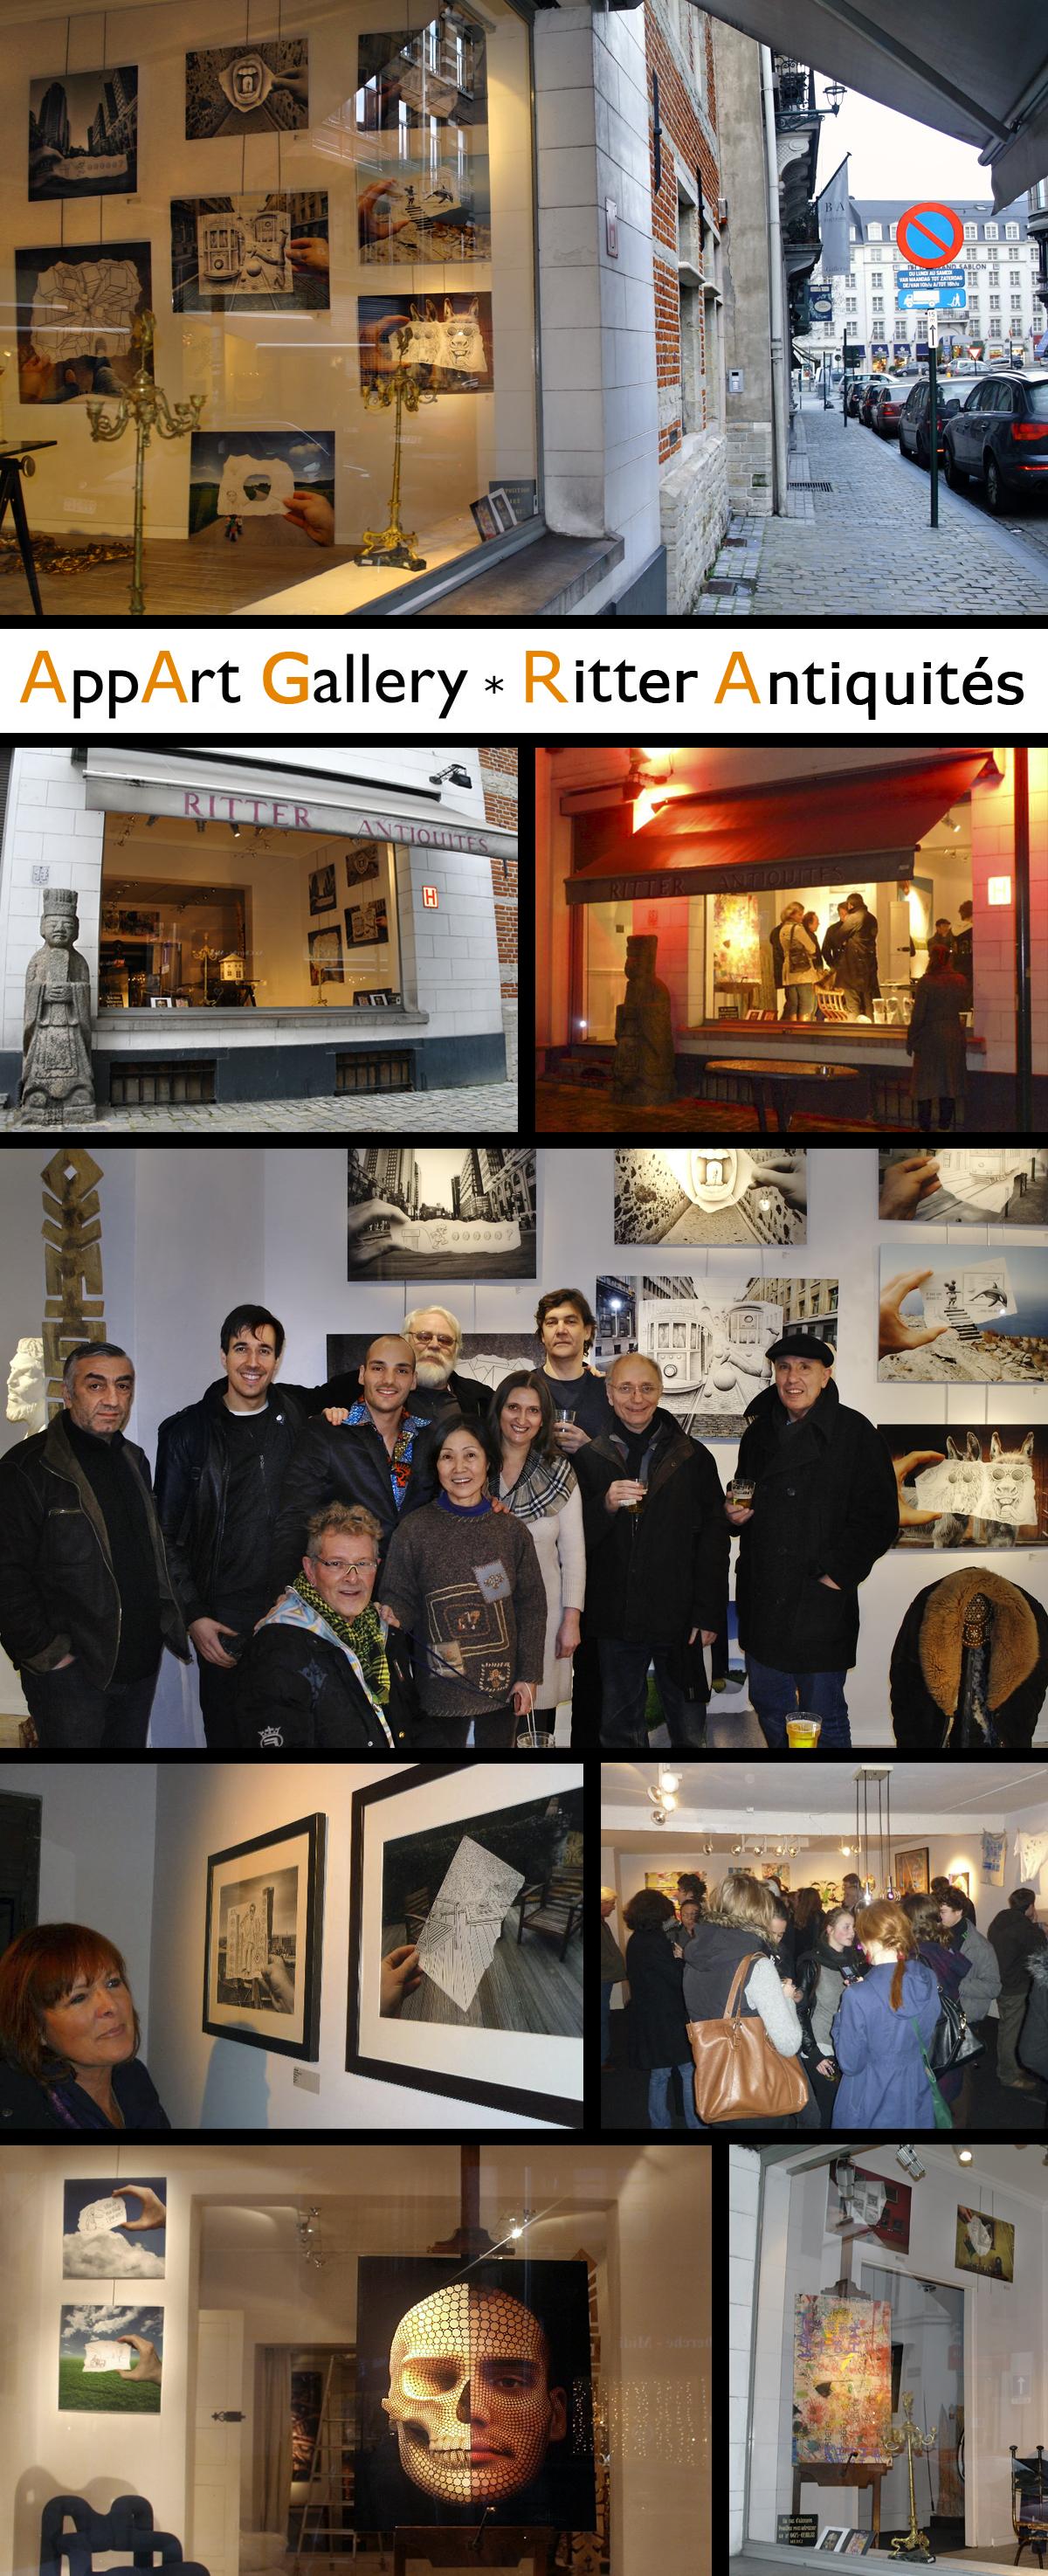 Exhibition - Ritter Antiquites by BenHeine